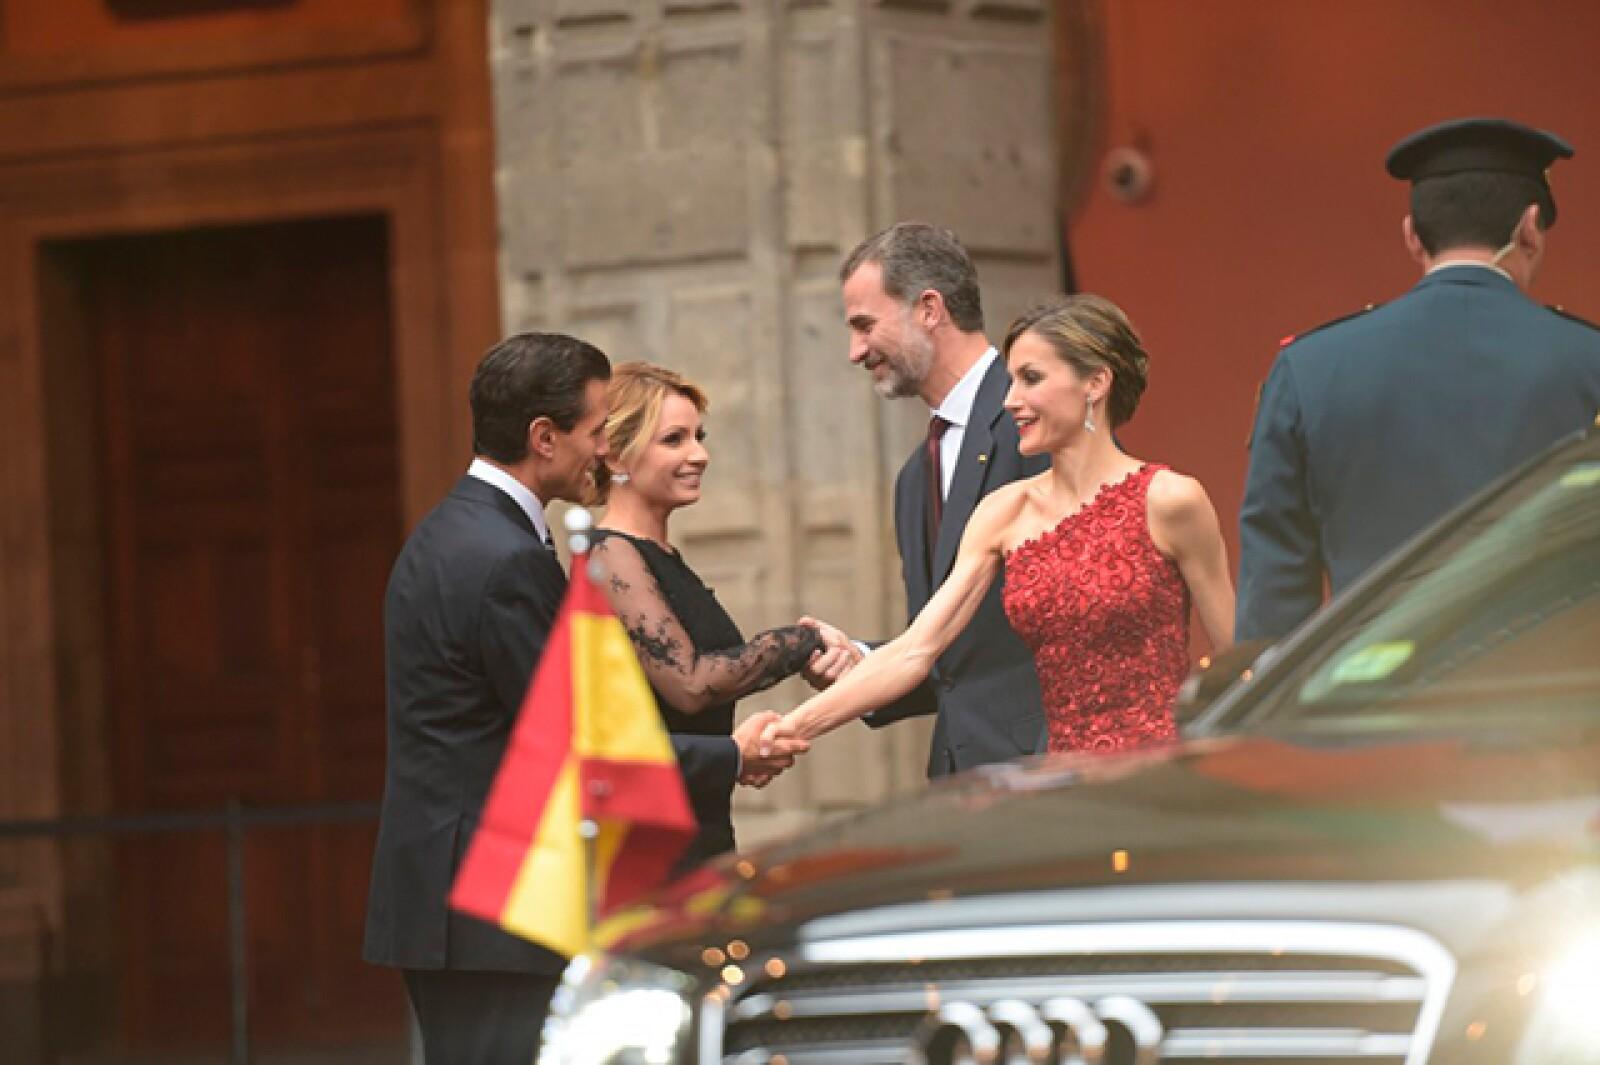 México y España continuarán fortaleciendo sus vínculos indivisibles para que en unidad, las sociedades de ambos países puedan tener mejores condiciones de vida, afirmó el presidente Enrique Peña Nieto.